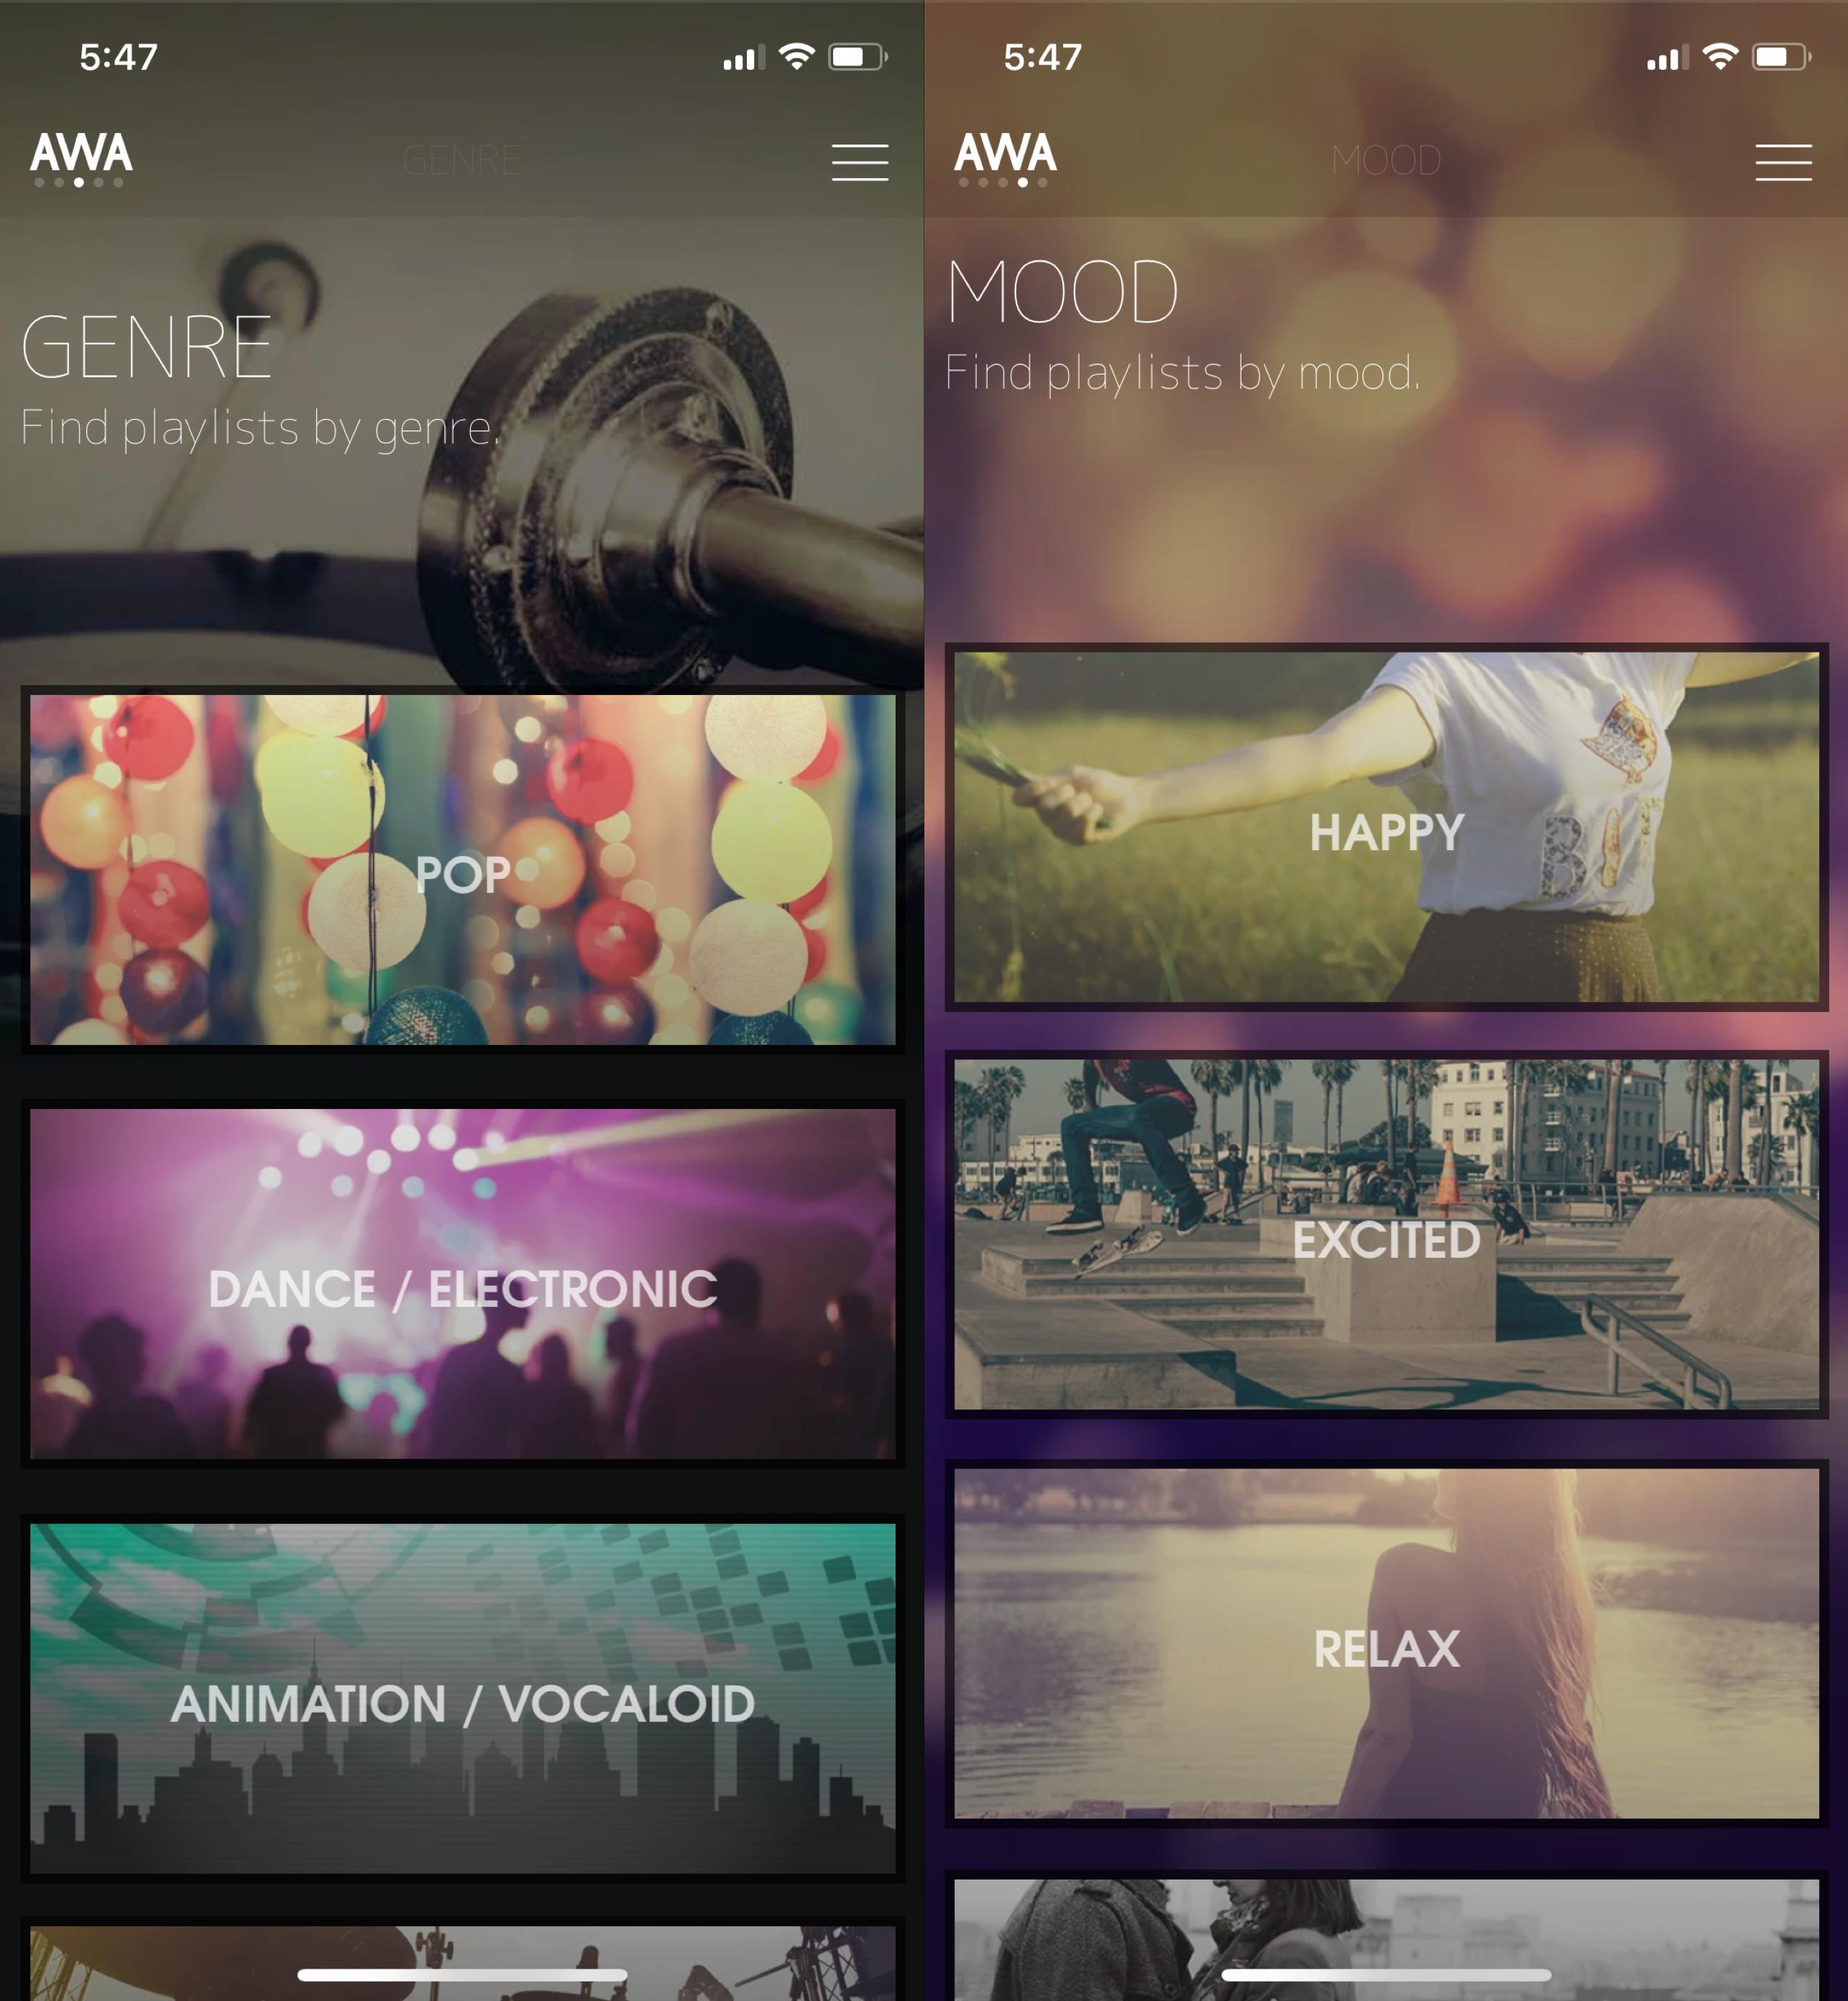 愛聽日文歌必備!日本國產 AWA 音樂串流軟體! 2